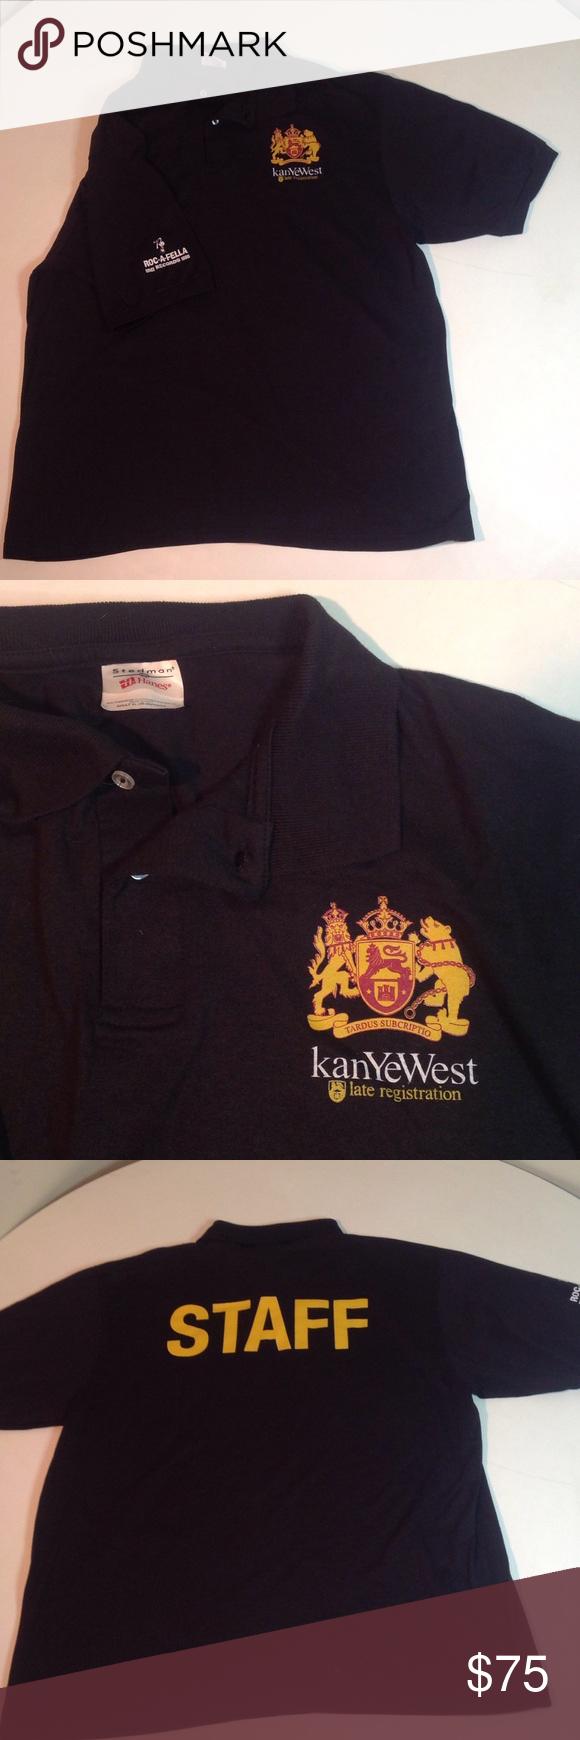 Kanye West Late Registration Staff Black Shirt Xl Black Shirt Black Polo Shirt Shirts